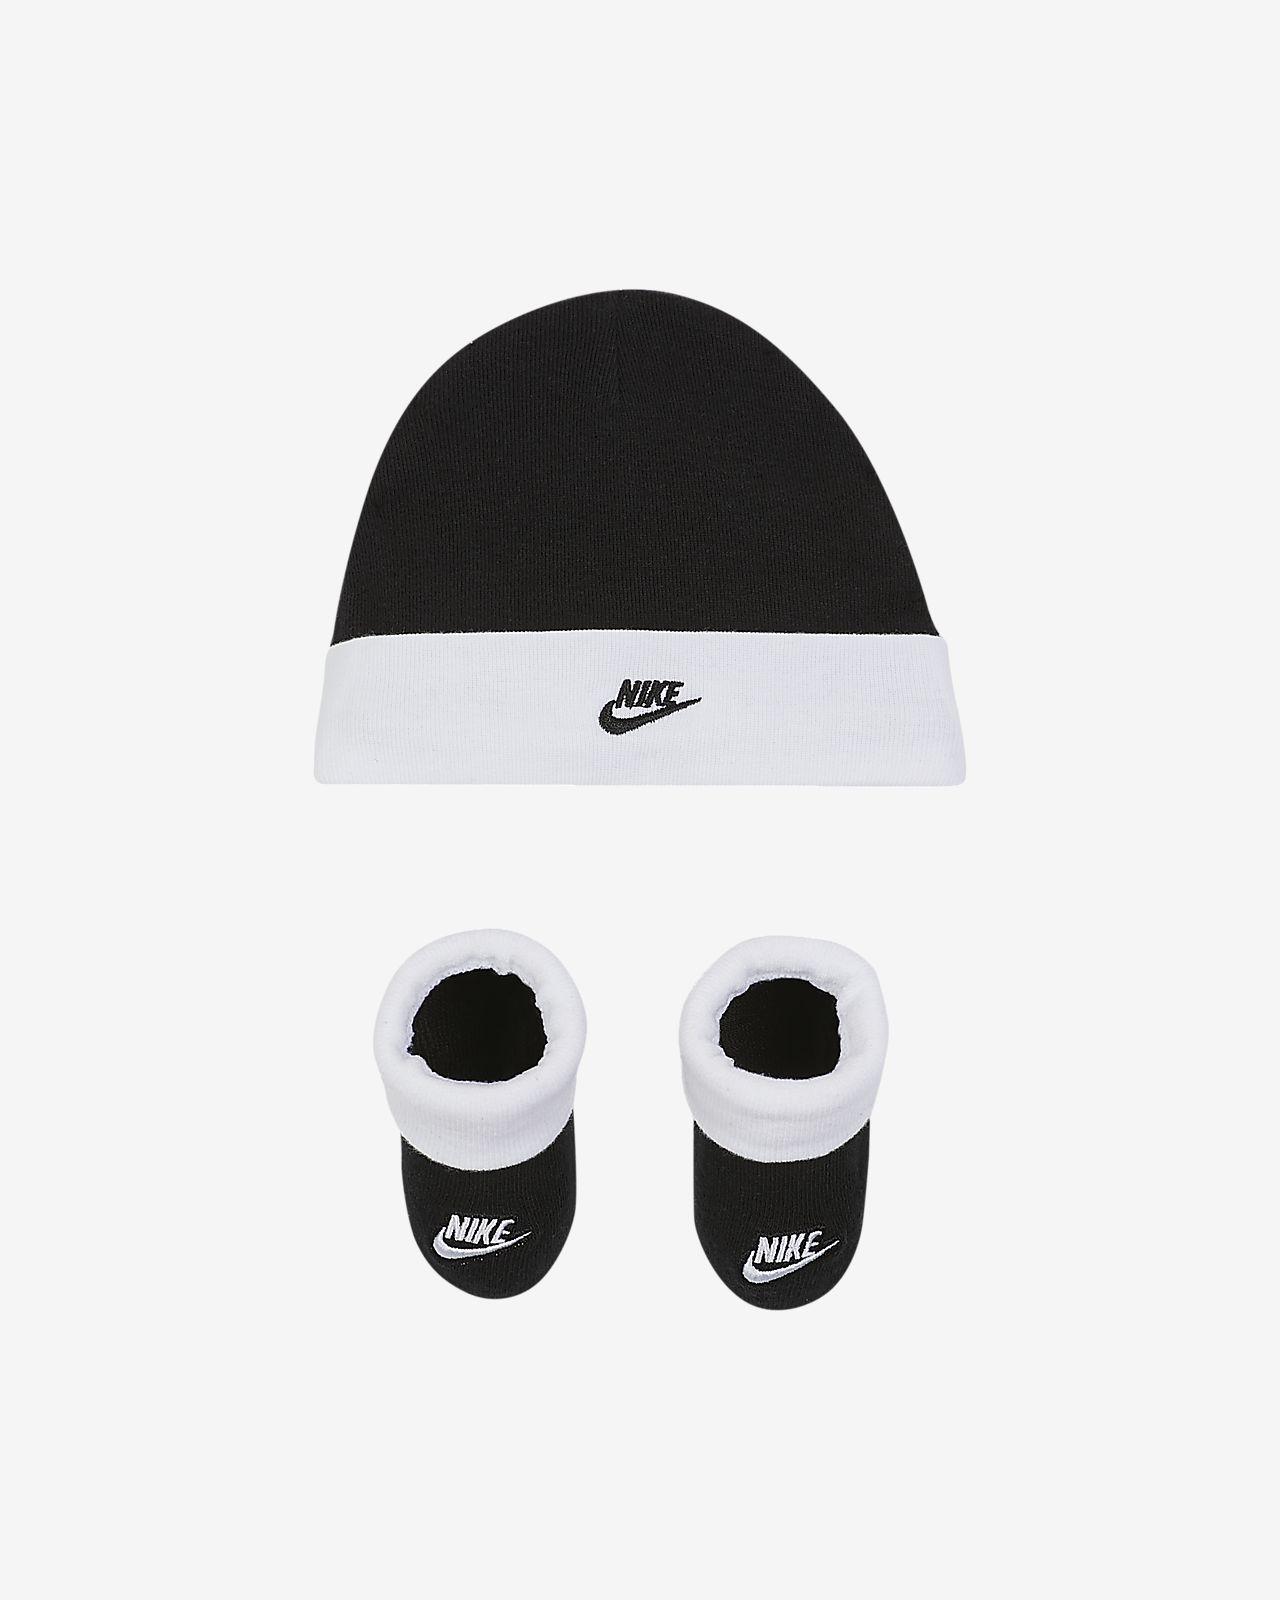 59228f1411658 Nike Sportswear Baby 2-Piece Set. Nike.com